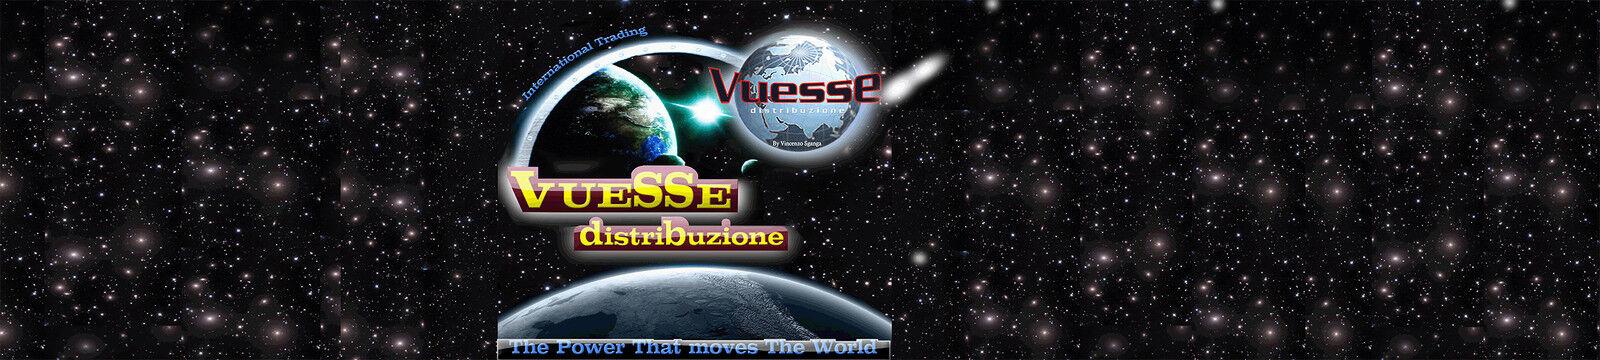 VUESSE IMPORT EXPORT   eurobazar13